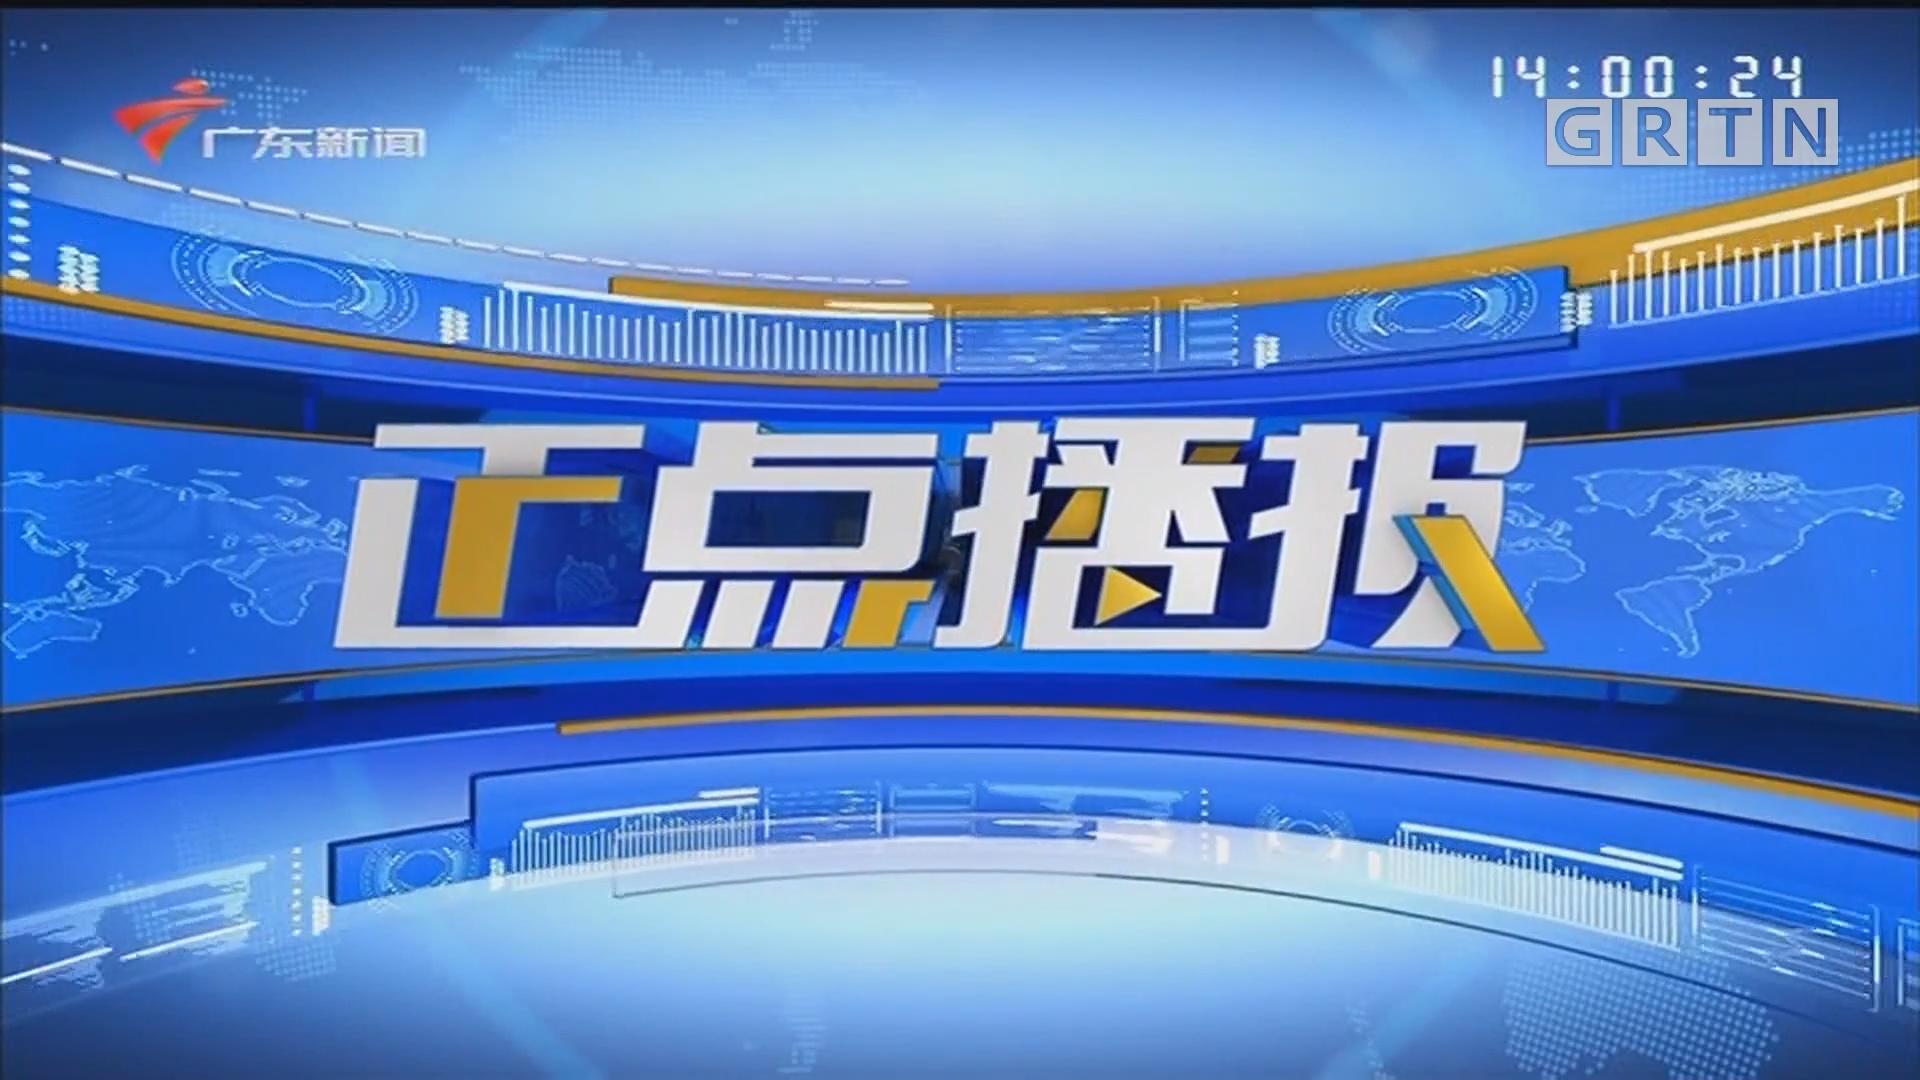 [HD][2020-06-02-14:00]正点播报:深圳 搭建一体化平台 提升重症先天性心脏病患儿救治水平